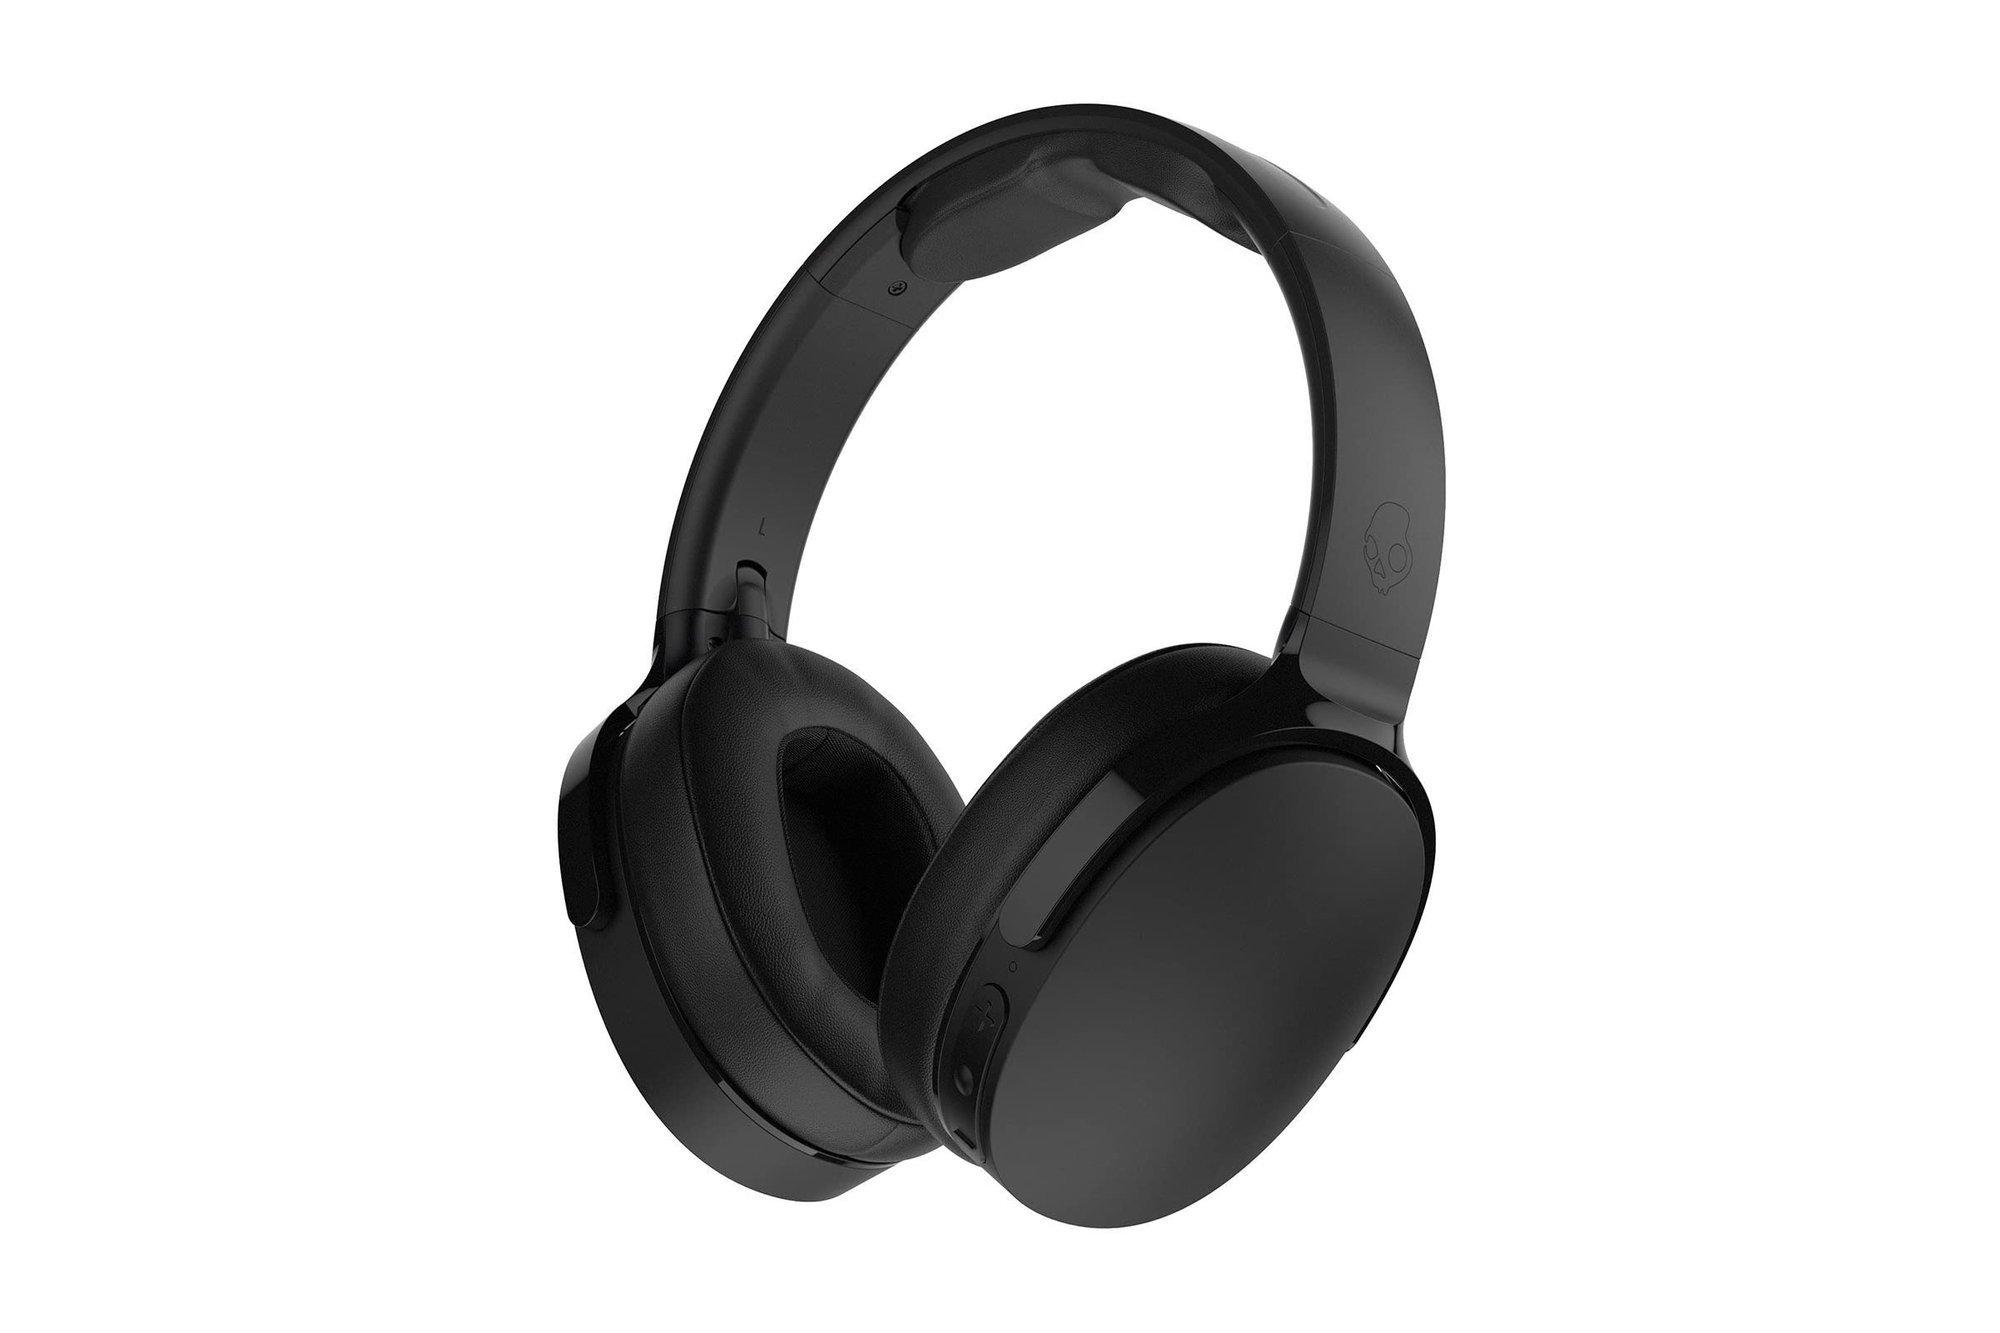 Skullcandy Hesh 3 S6HTW WirelessOver-the-Ear Headphones Black